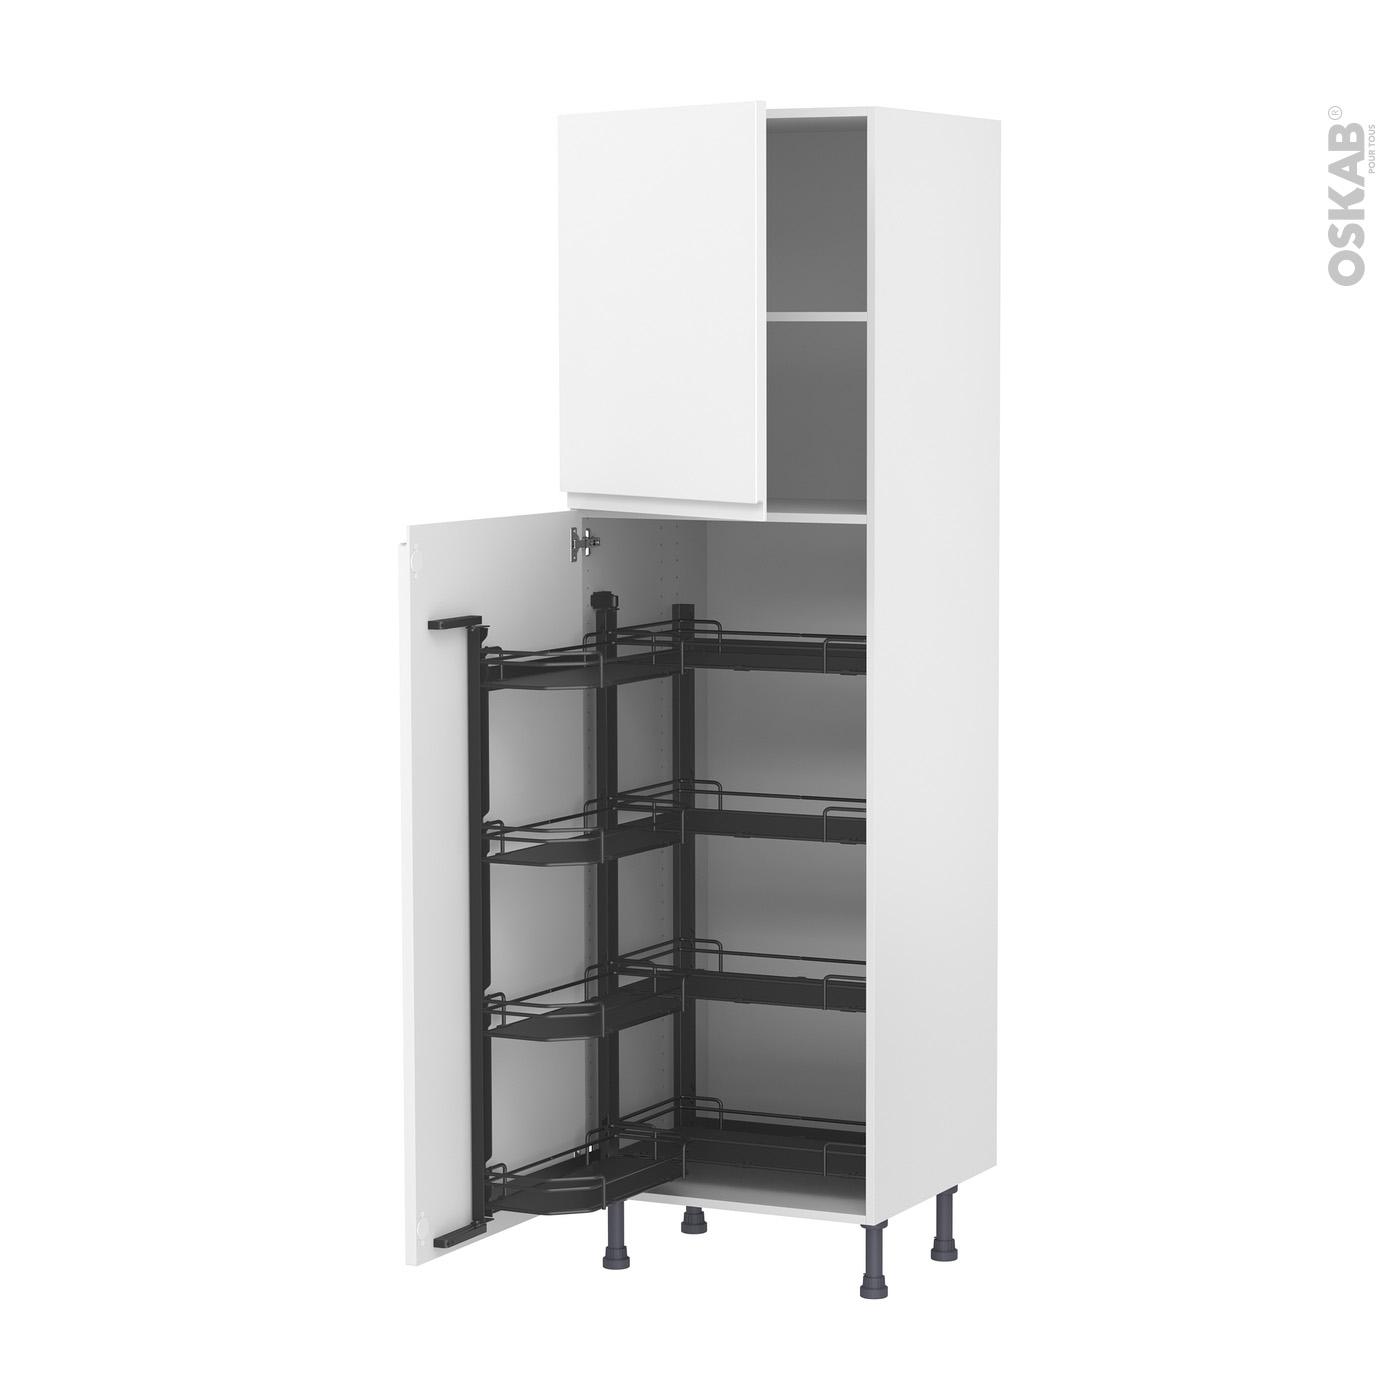 Etagere A Poser Sur Plan Travail colonne de cuisine n°2127 armoire de rangement ipoma blanc mat, 8 paniers  plateaux, l60 x h195 x p58 cm